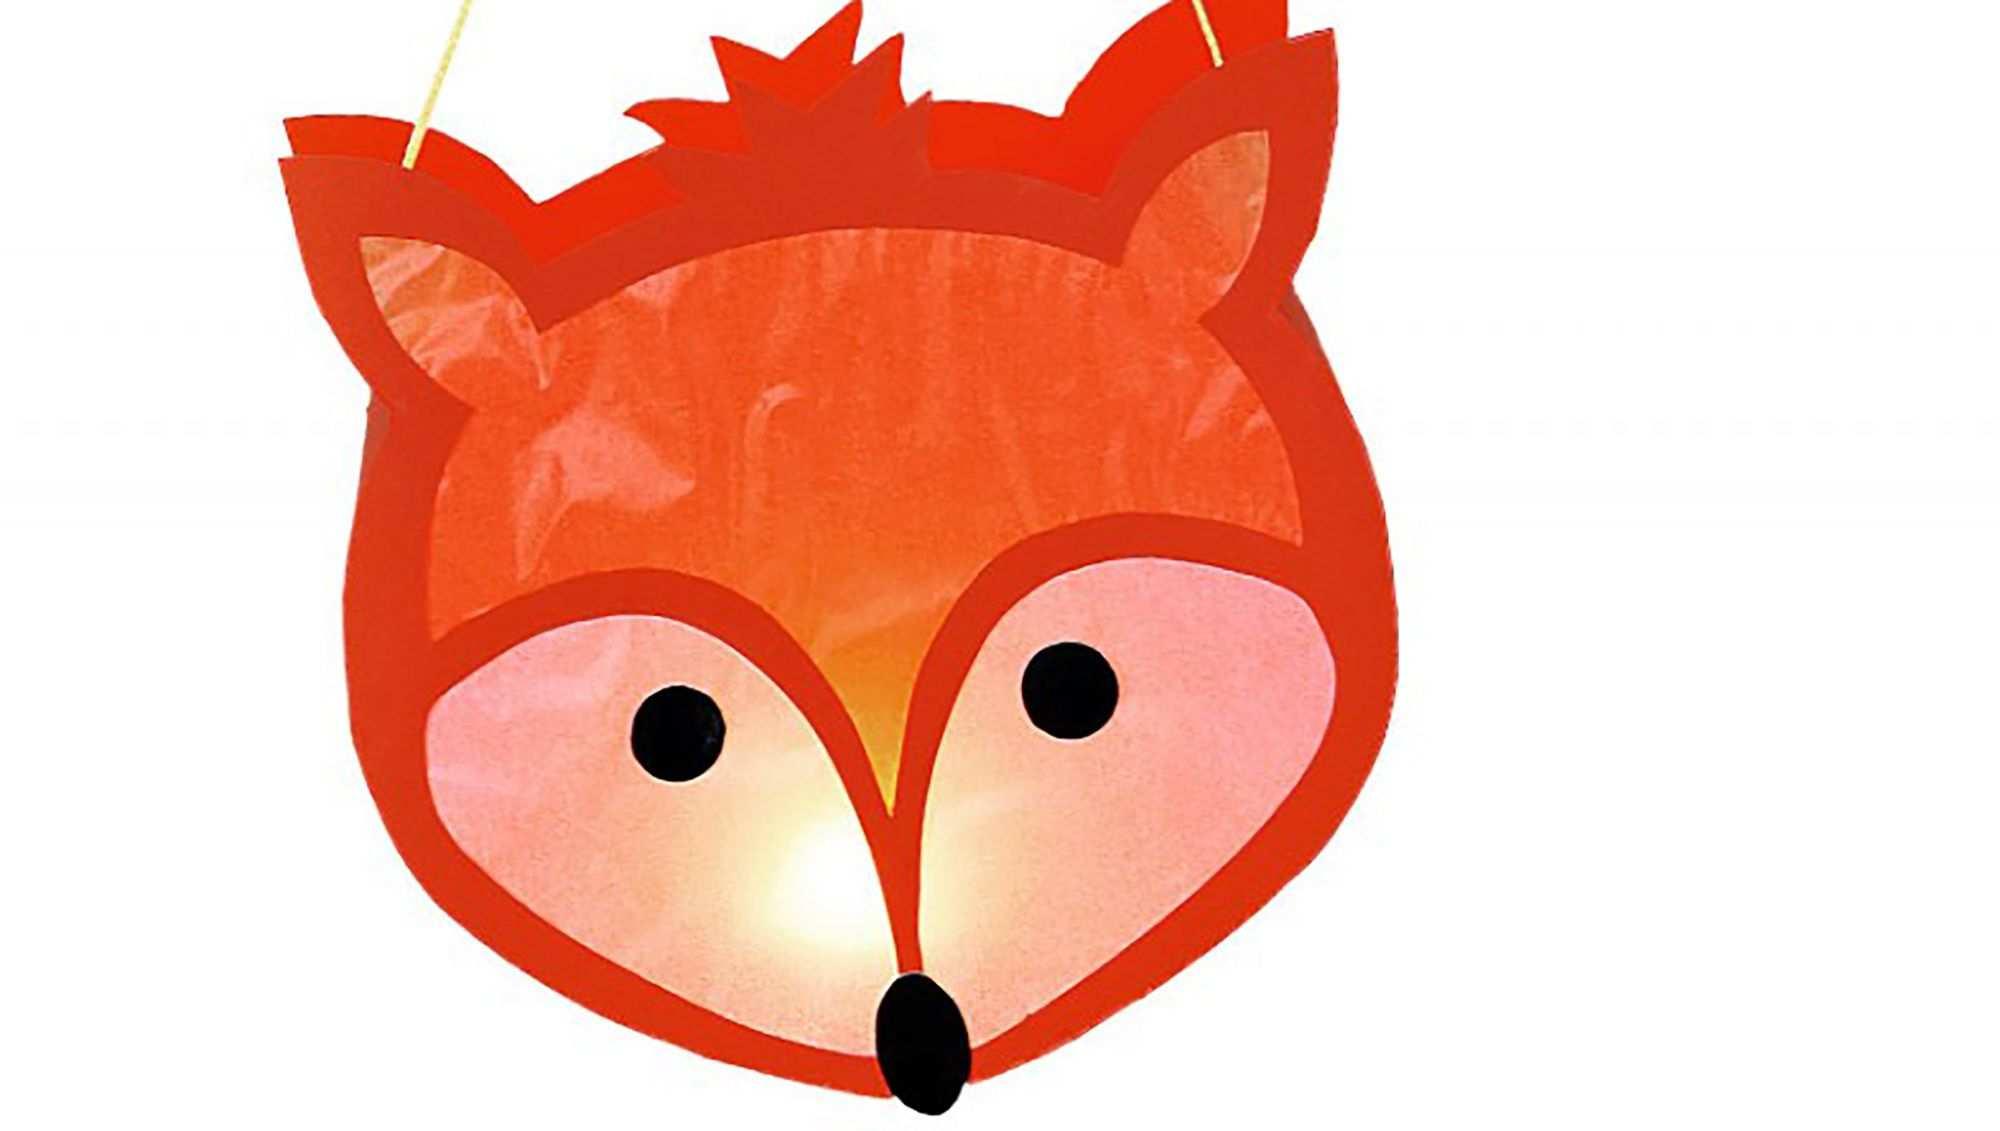 Wir Basteln Eine Fuchs Laterne Laternen Basteln Laterne Basteln Vorlagen Fuchs Basteln